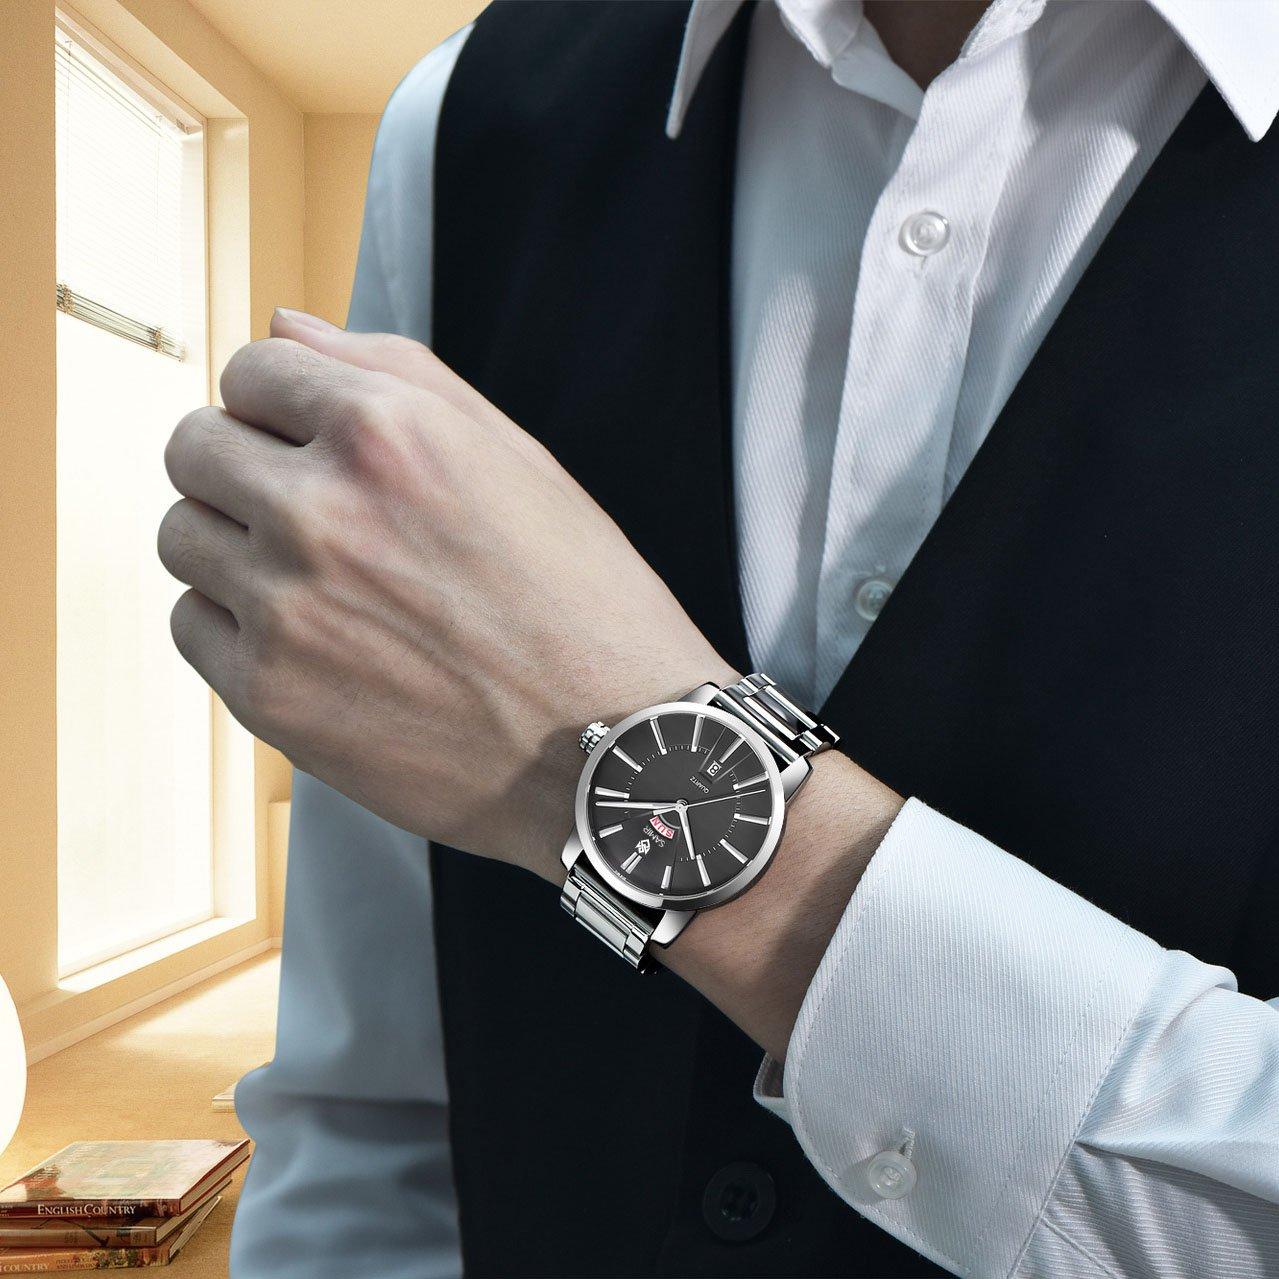 Đồng hồ nam SAMIR 0501 dây thép đúc - Hiển thị lịch ngày cao cấp – Trẻ trung – Năng động